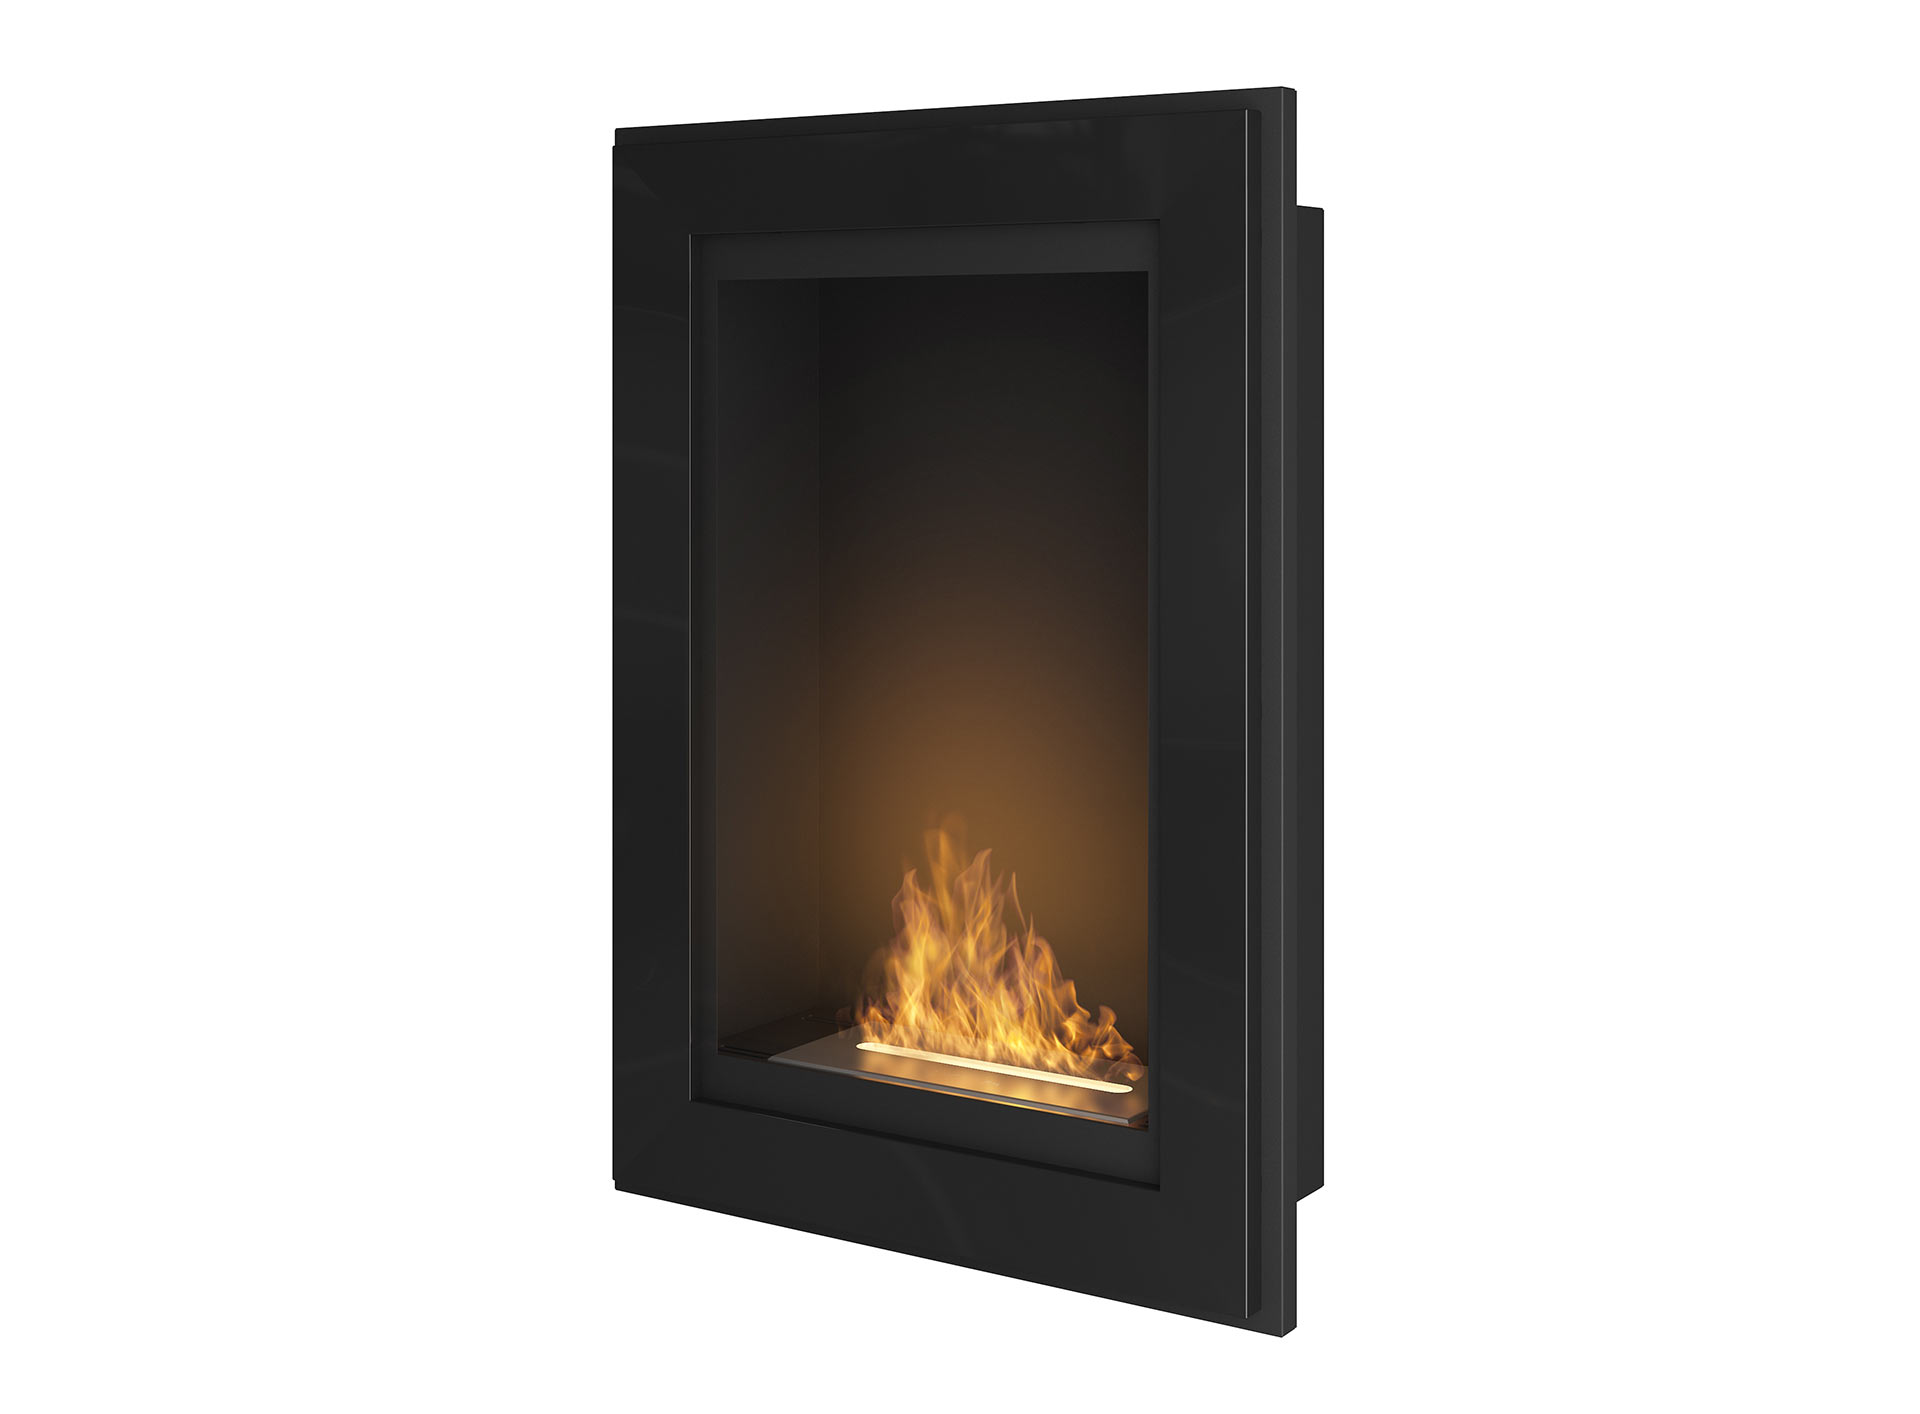 frame-550-black